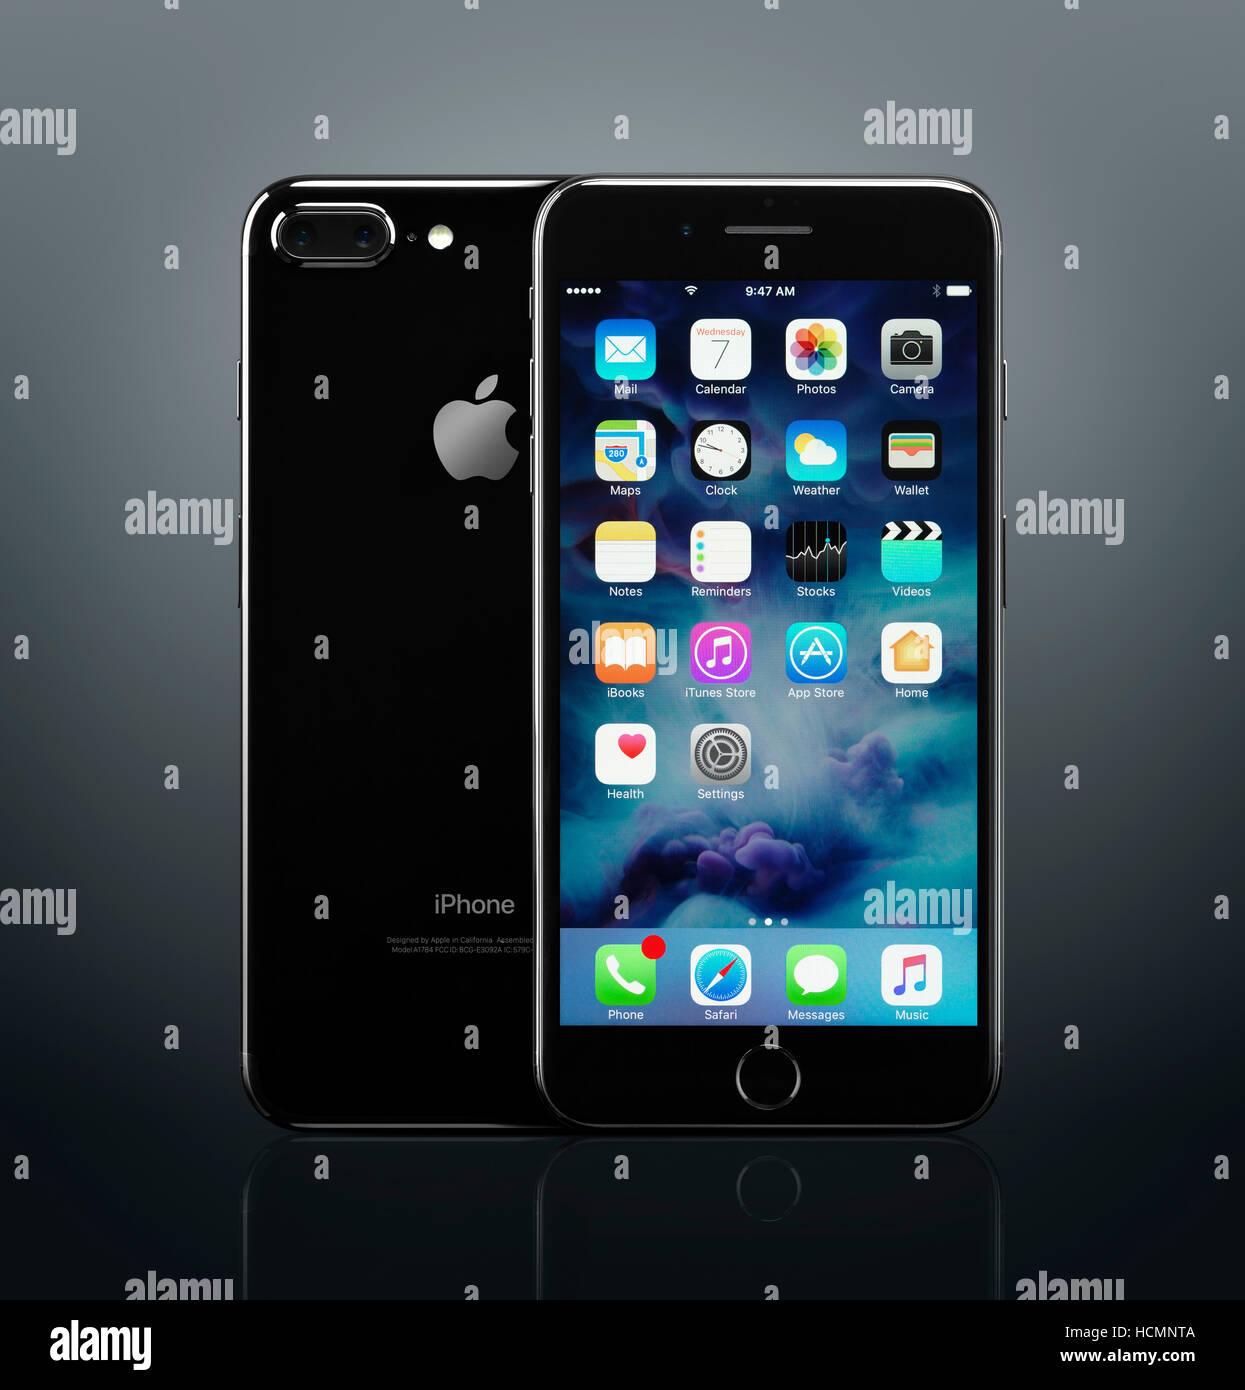 Apple Iphone 7 Nero Plus Fronte E Retro Con Le Icone Del Desktop Sul